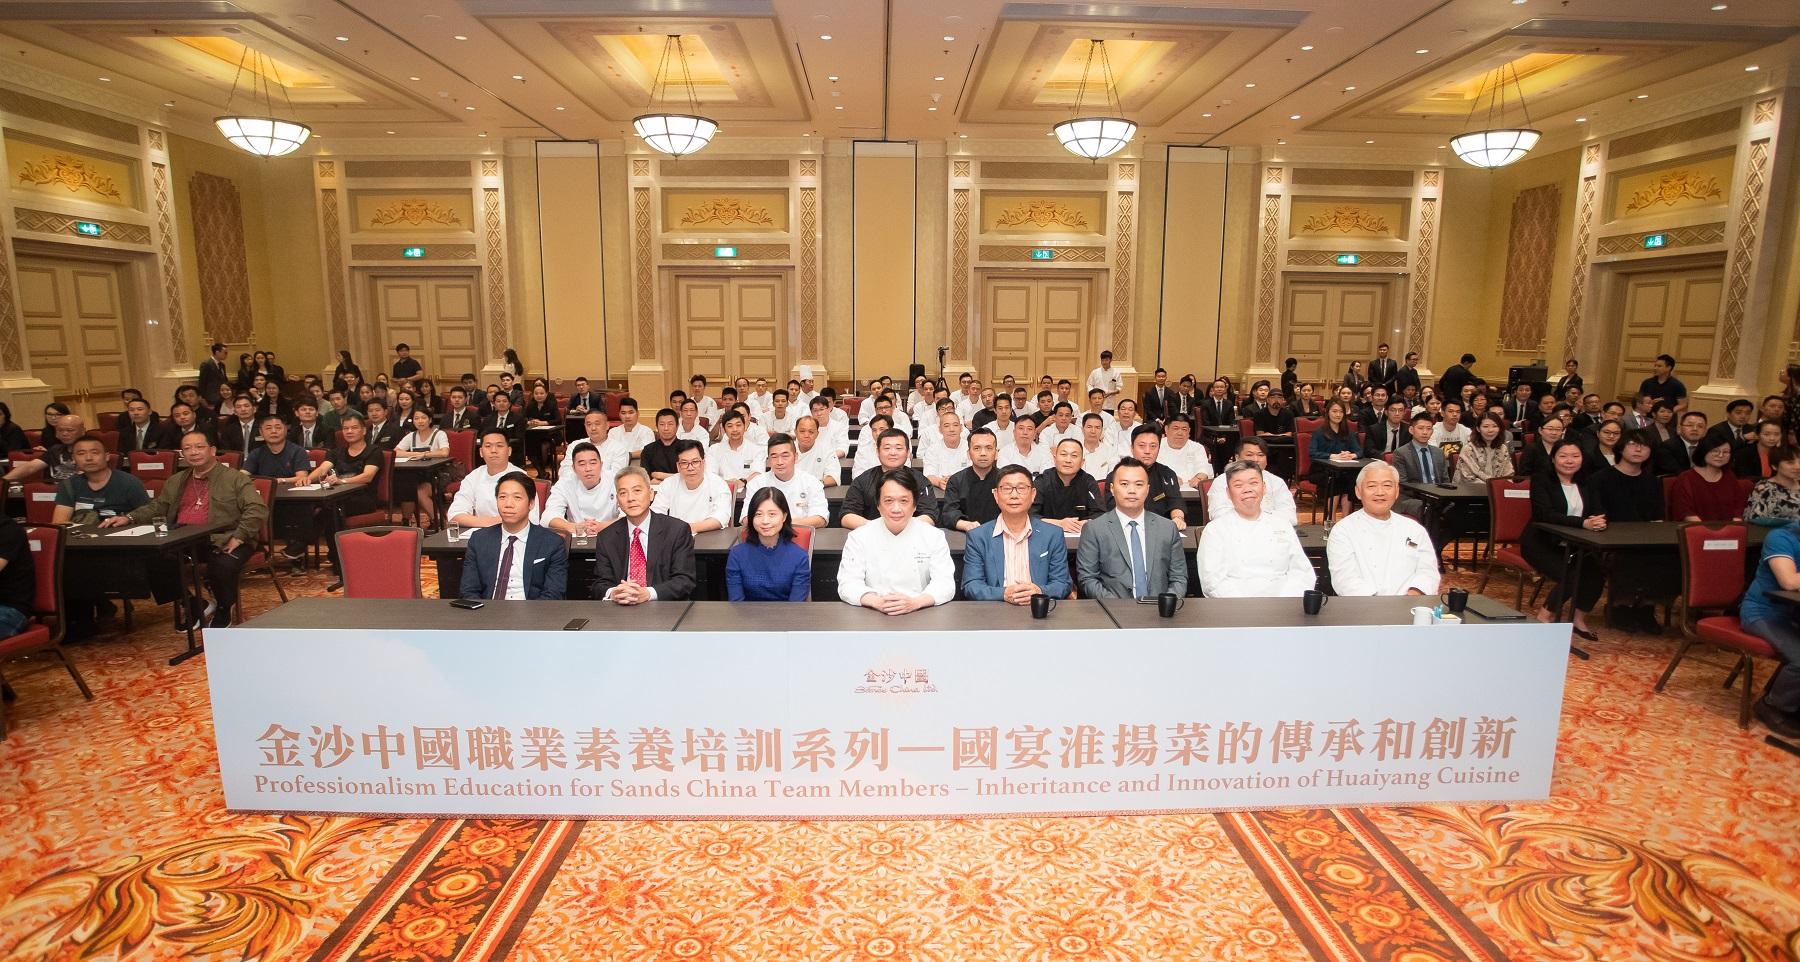 金沙中国举行职业素养培训系列 ─ 国宴淮扬菜的传承和创新